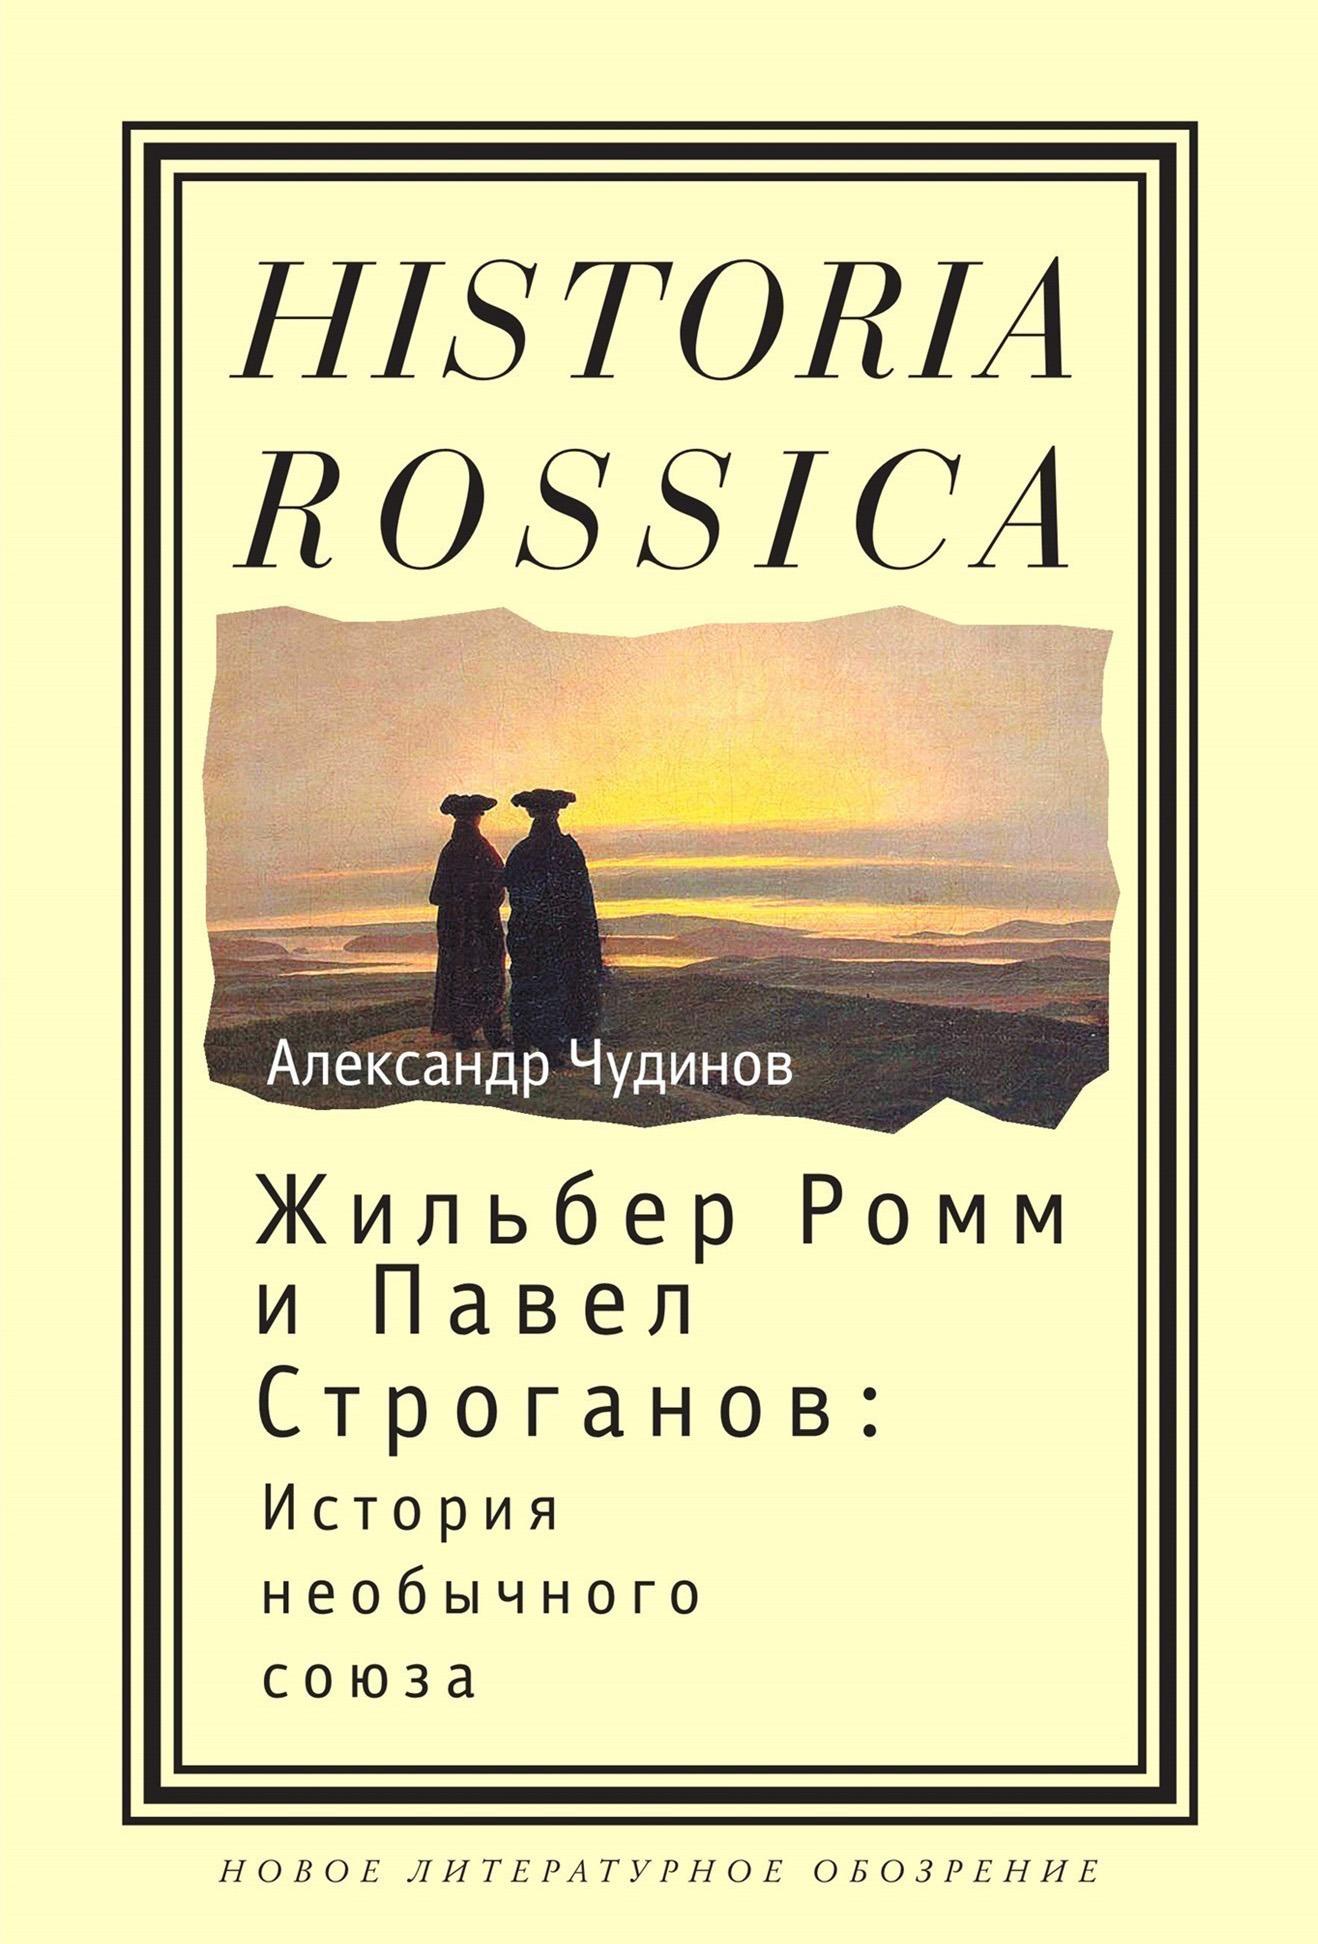 Жильбер Ромм и Павел Строганов. История необычного союза